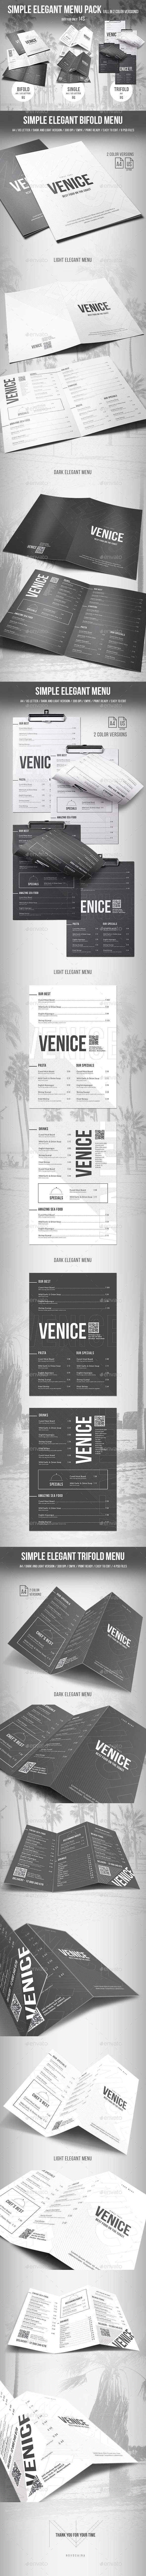 Simple Elegant Menu Pack (Bifold - Trifold - Single) - 2 Color Versions - Food Menus Print Templates